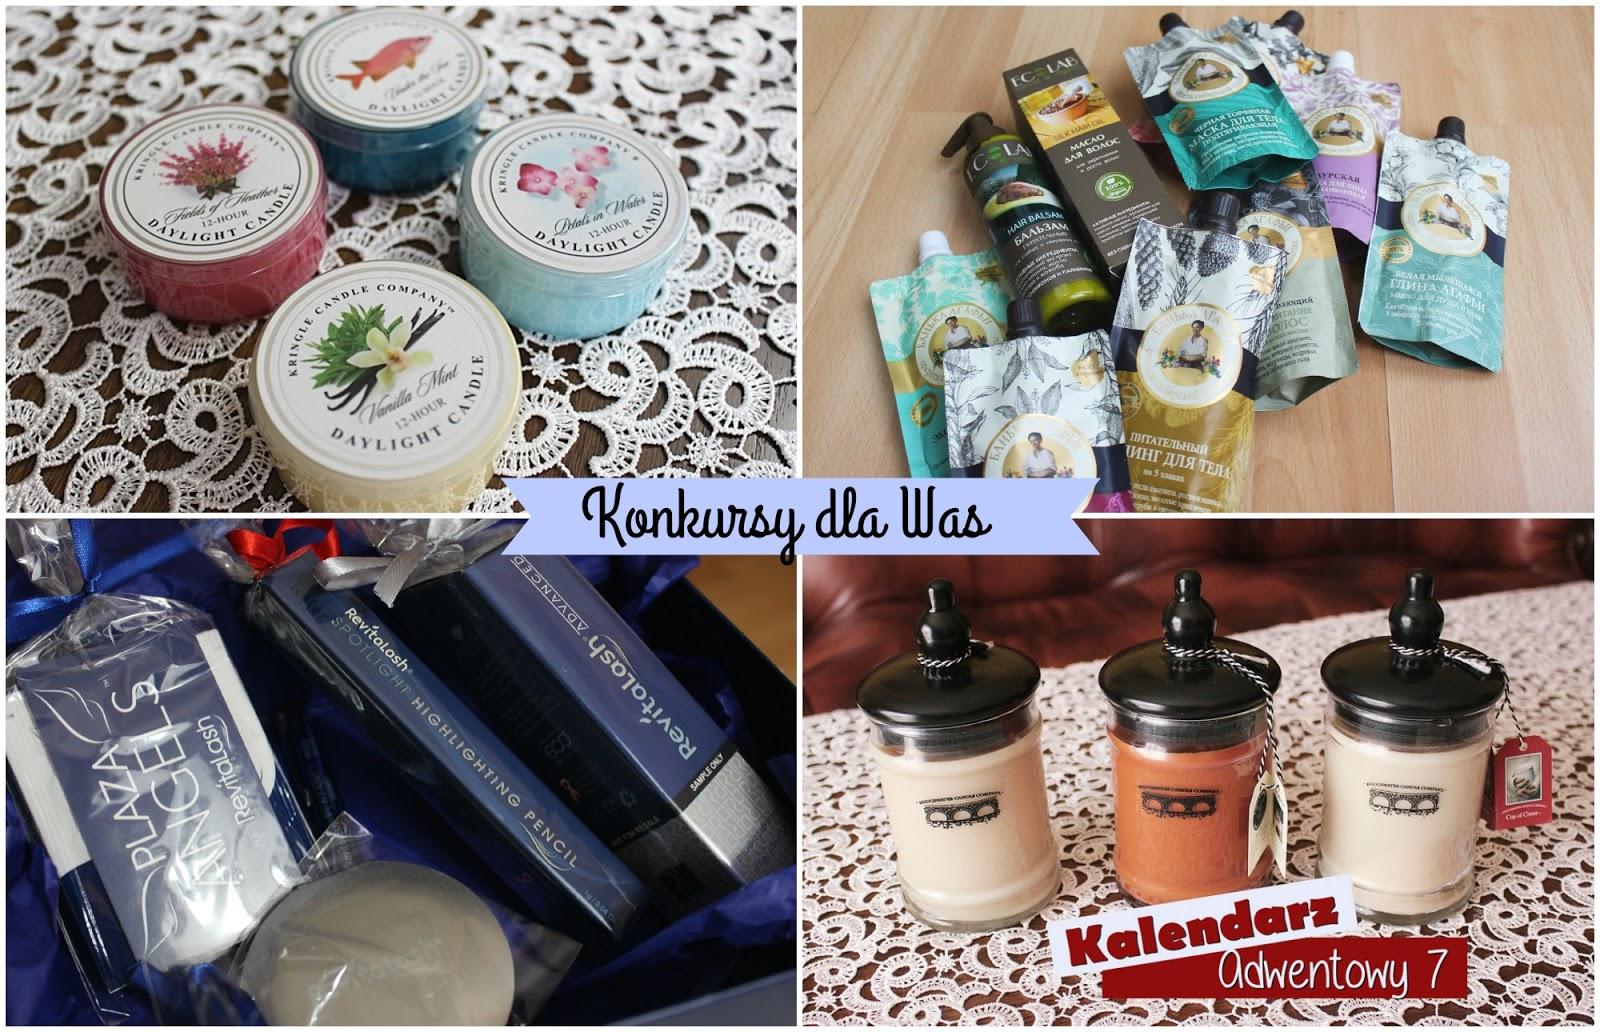 ROZDANIE | box Revitalash, rosyjskie kosmetyki, plecak i portfel oraz dwa zestawy świec